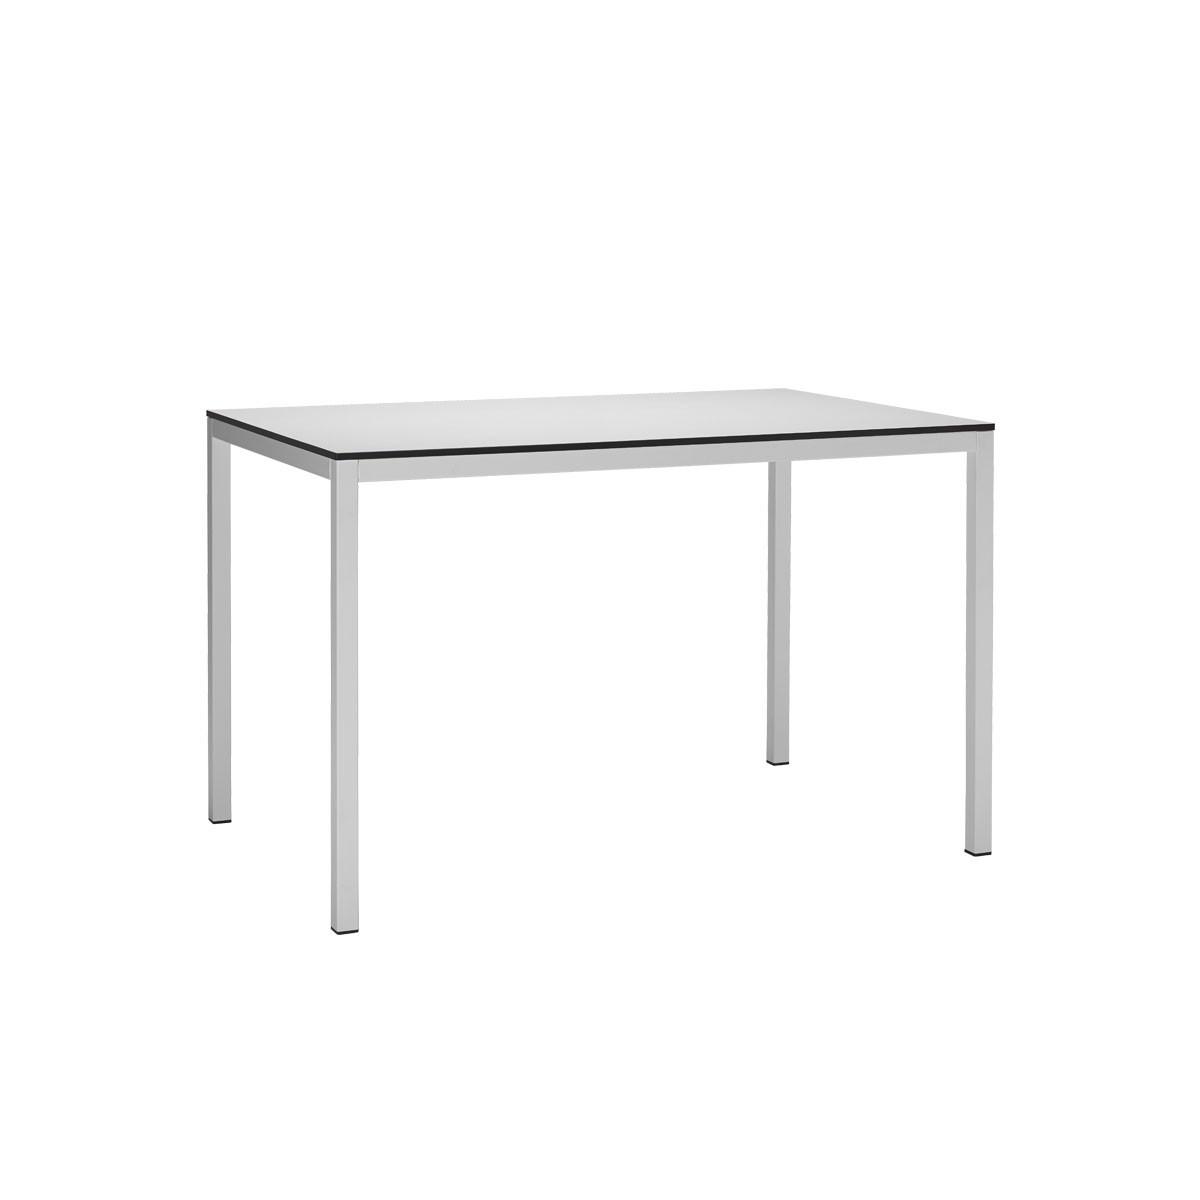 Prostokątny stół metalowy do restauracji MIRTO 120x80